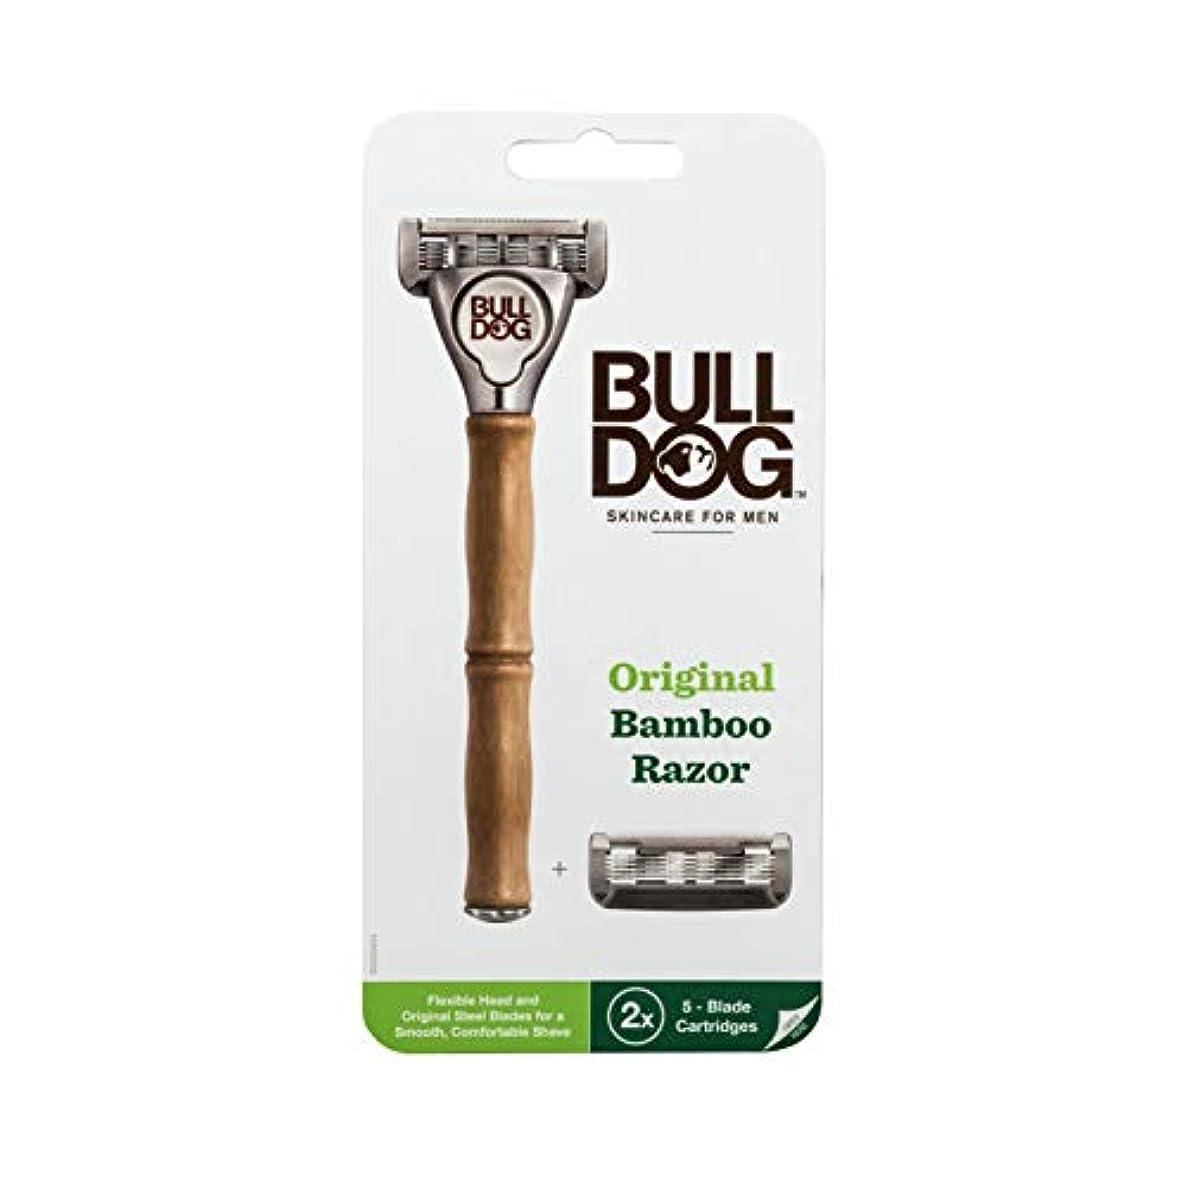 心理学冒険ケープBulldog(ブルドッグ) ブルドッグ Bulldog 5枚刃 オリジナルバンブーホルダー 水に強い竹製ハンドル 替刃 2コ付 男性カミソリ ホルダー(1本)、替刃2コ付き(内1コ本体装着済み)